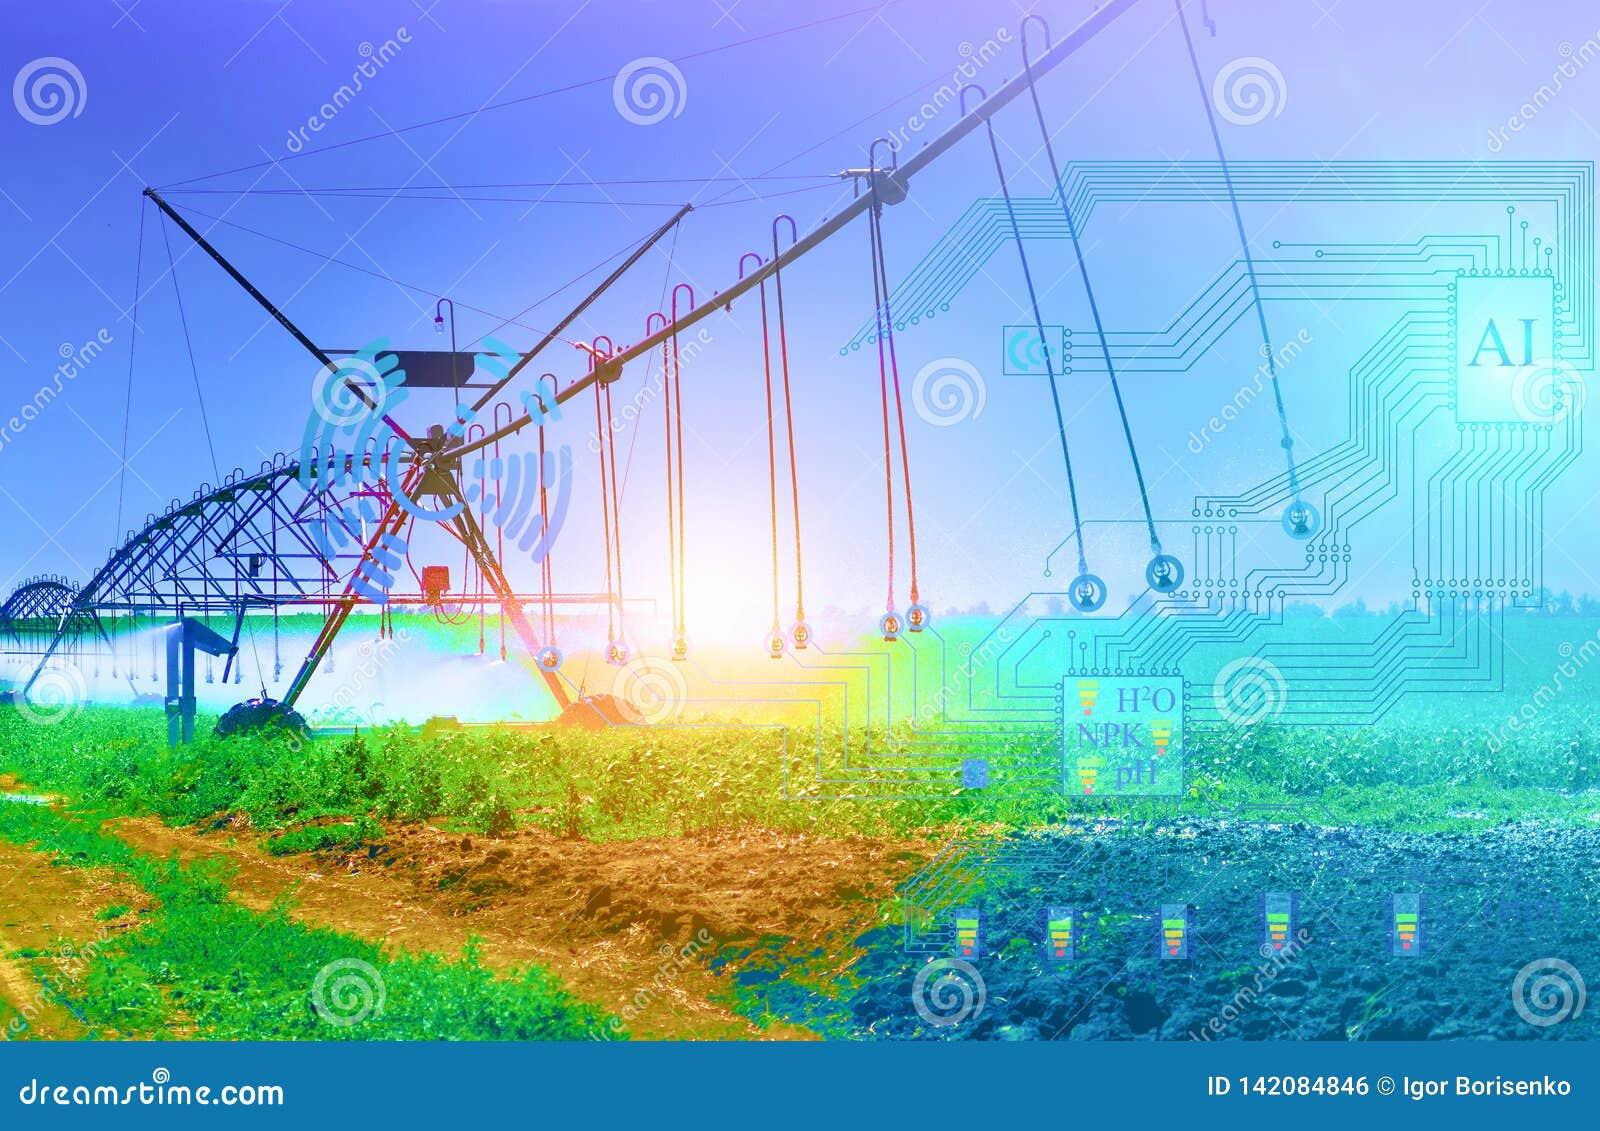 Sztuczny system irygacyjny przyszłość ustala stopień irygacja i wypłukiwanie użyźniacze od ziemi